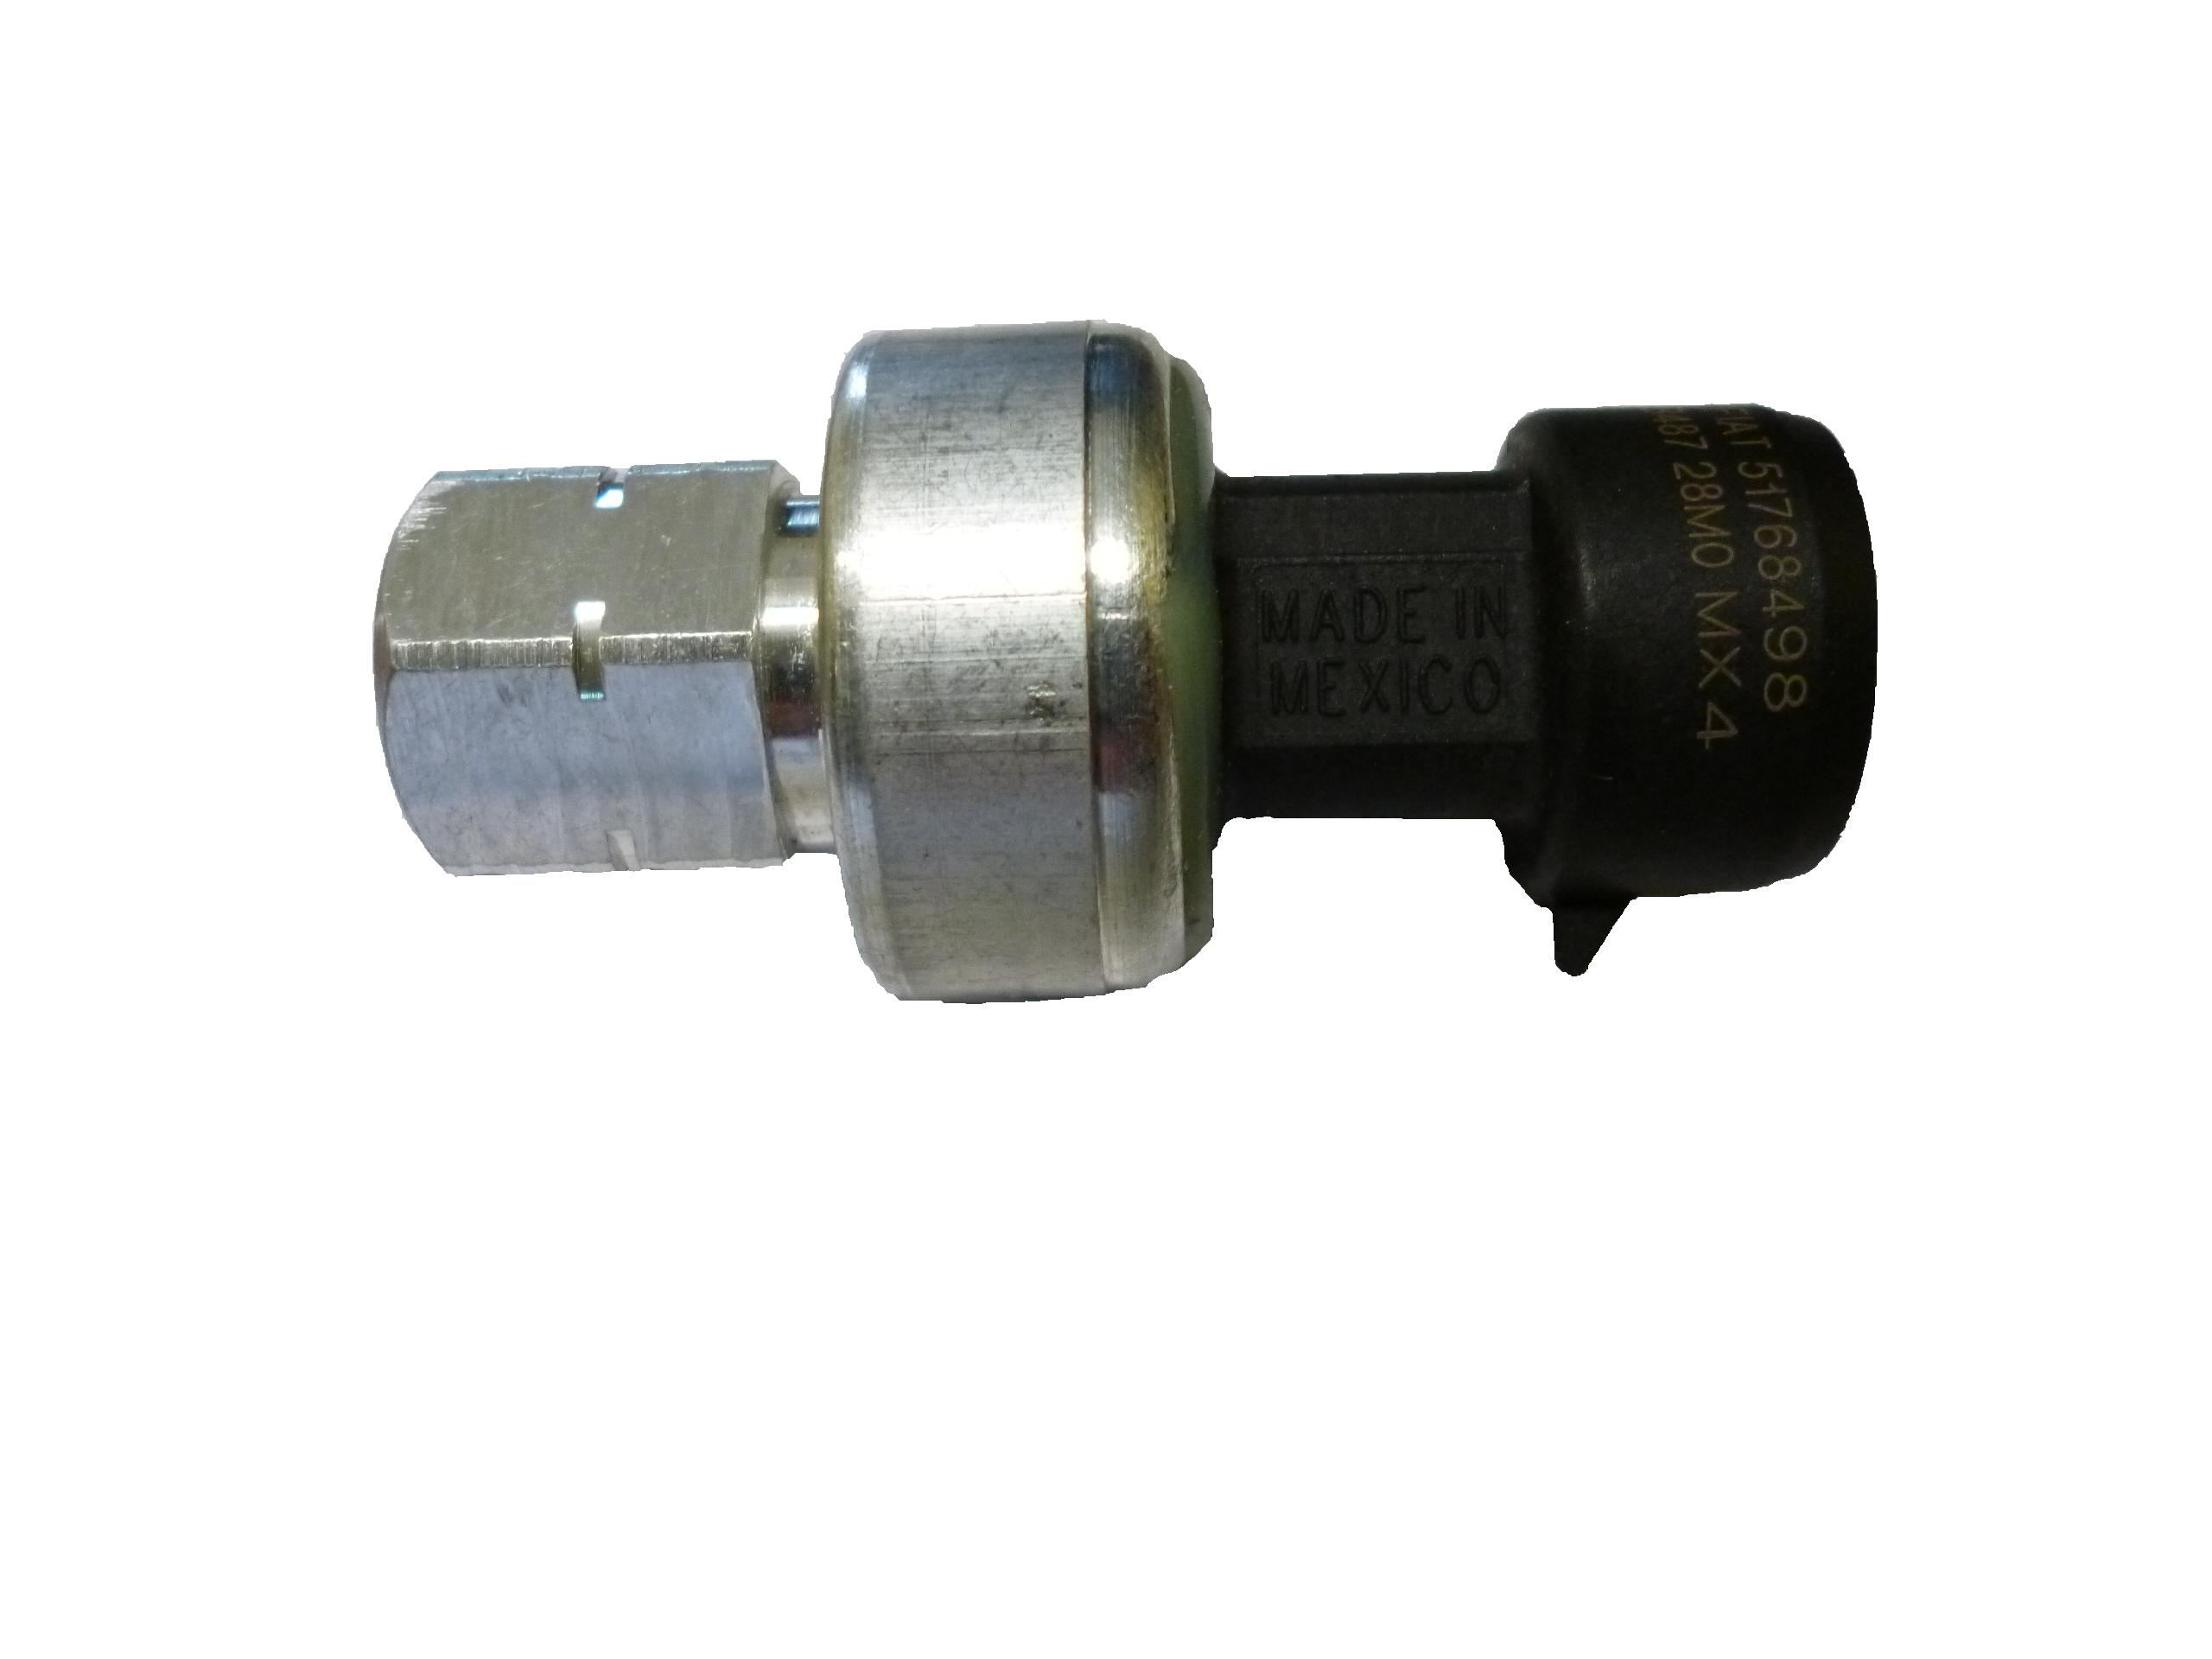 датчик давления кондиционирования воздуха opel новый оригинал